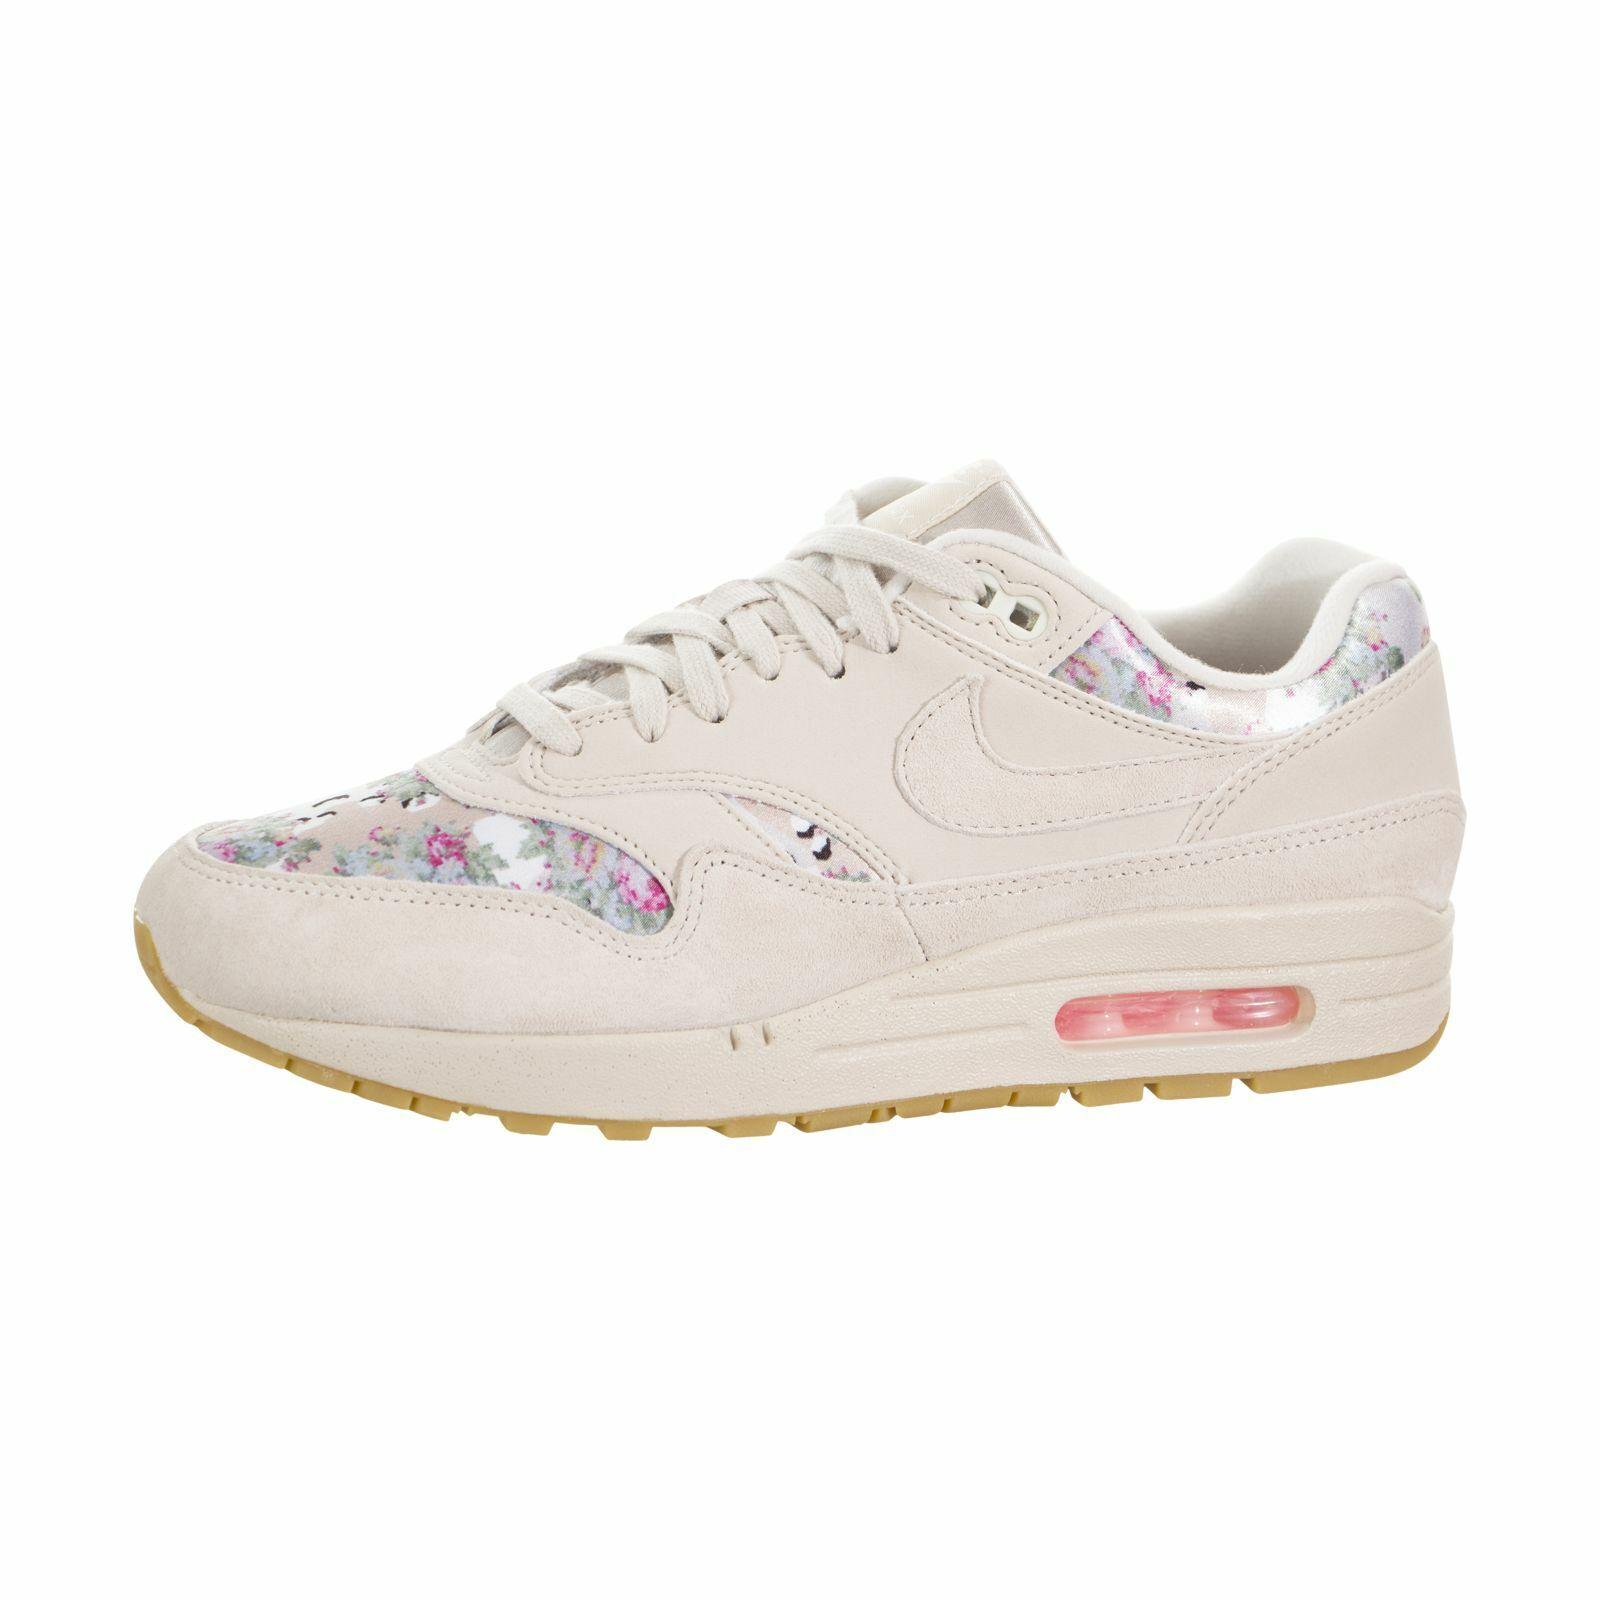 Nike Women's Air Max 1 (Floral) aq6378-001